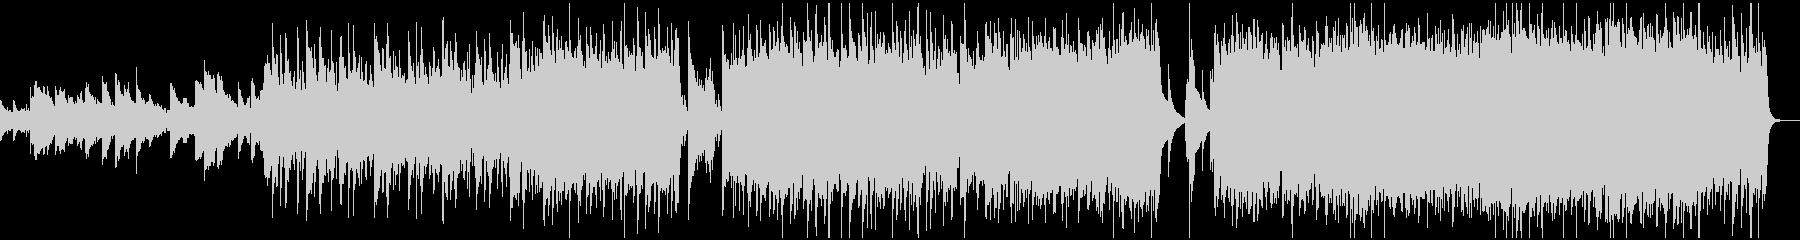 ストリングス+ロックのダークな情景曲の未再生の波形